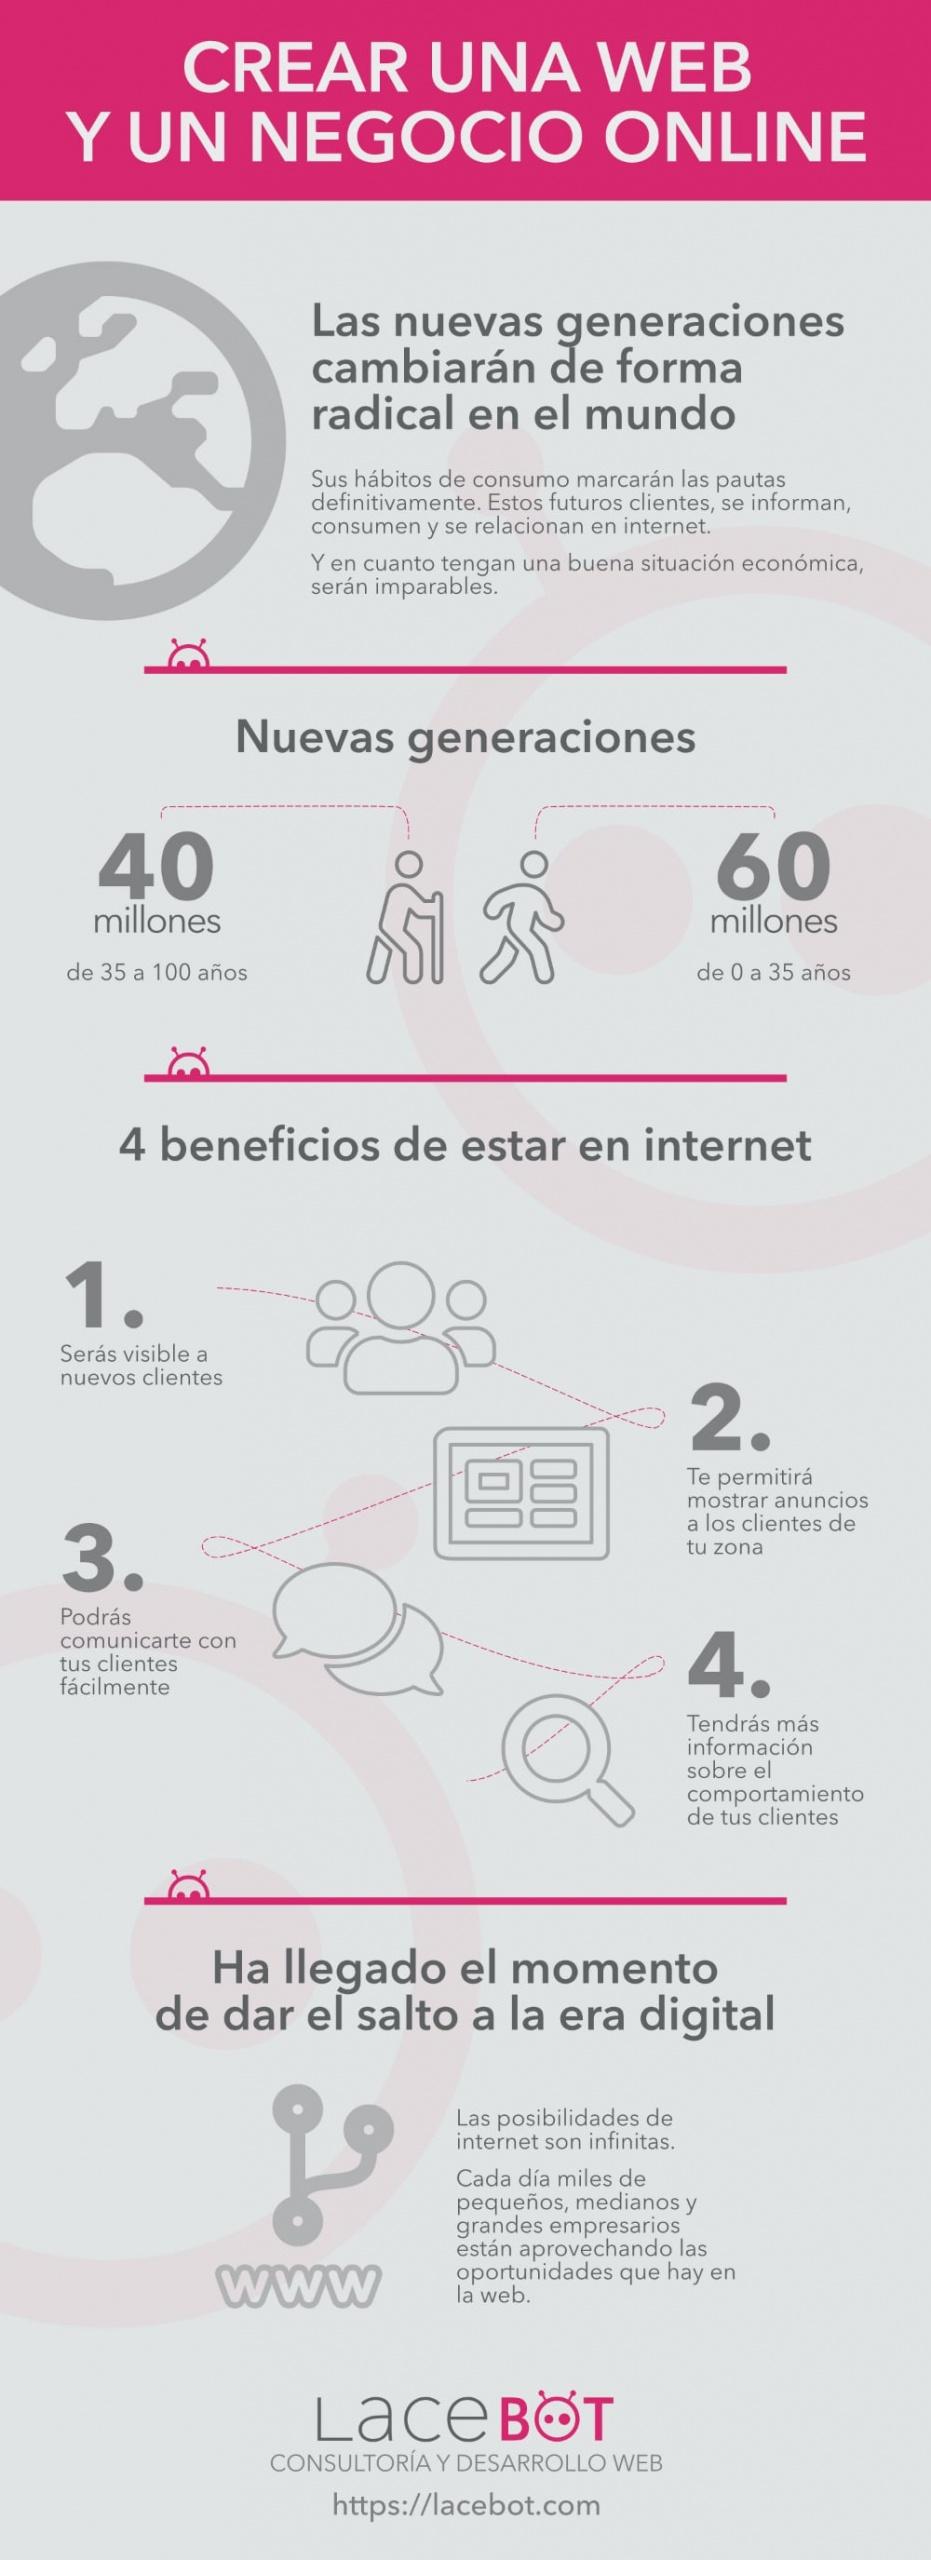 (Desarrollo web en Mallorca) Infografía: 4 motivos para crear un negocio online | Guía de Diseño Web en Mallorca creado por Lacebot